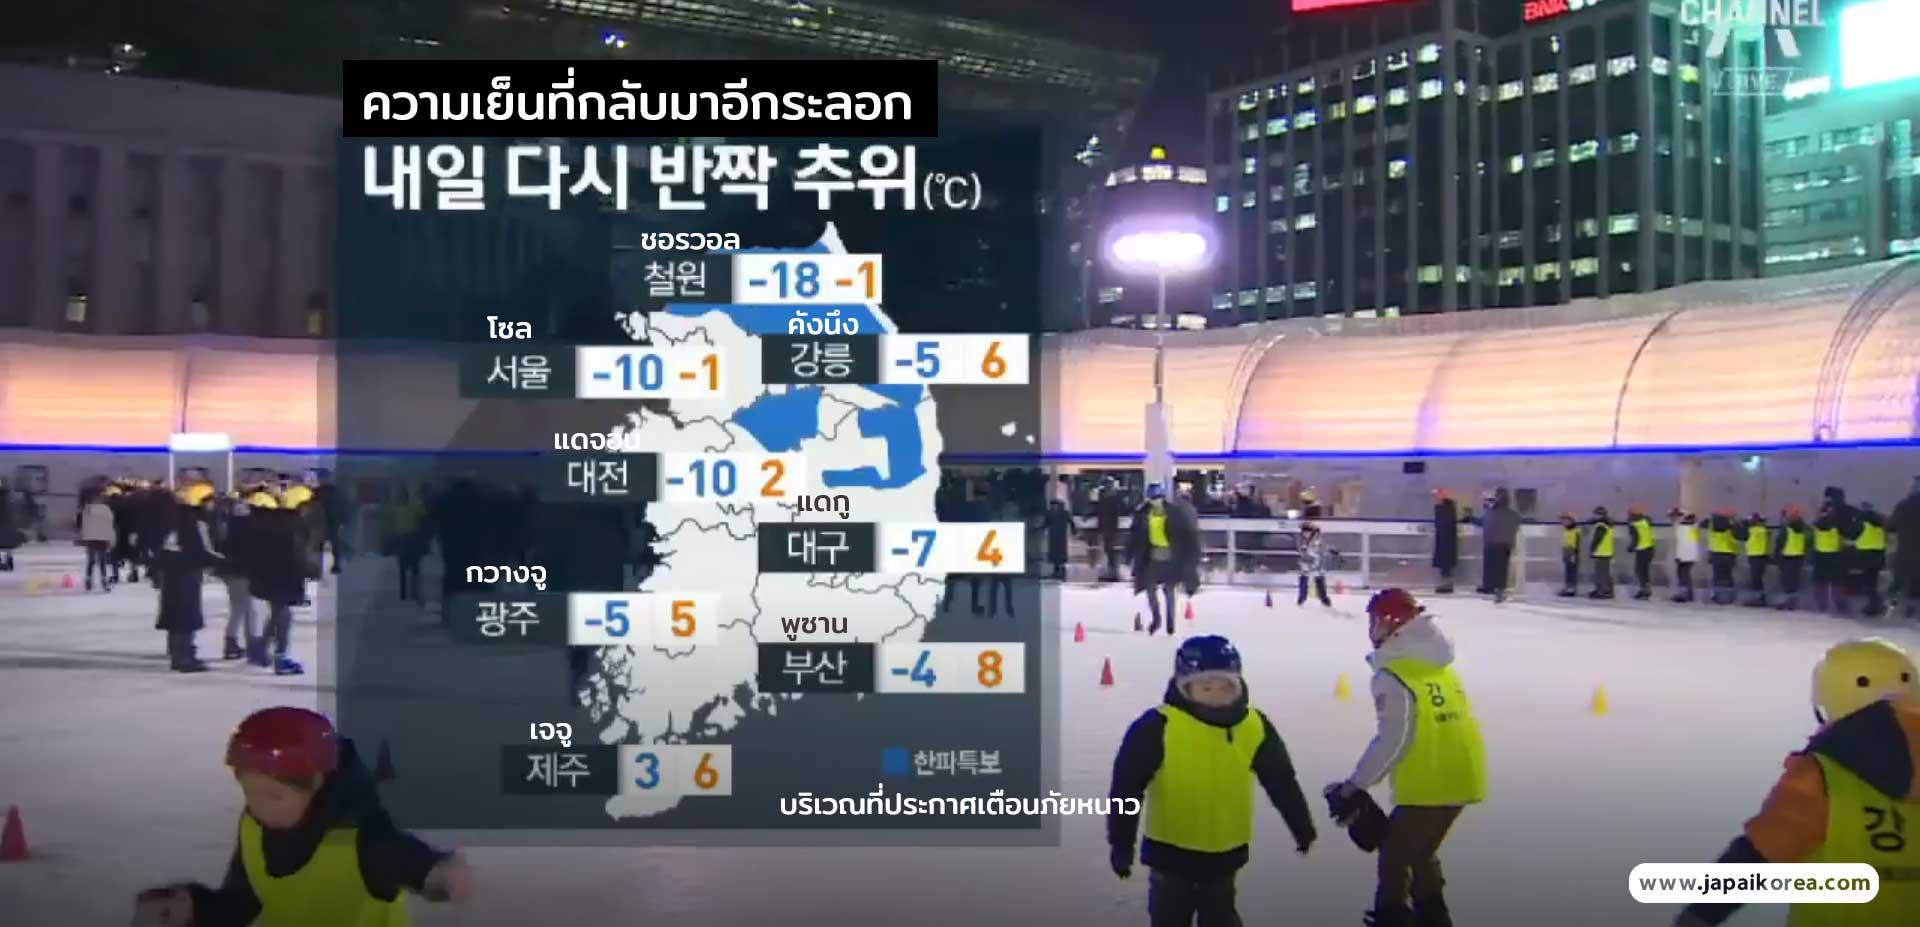 อากาศเกาหลี มกราคม